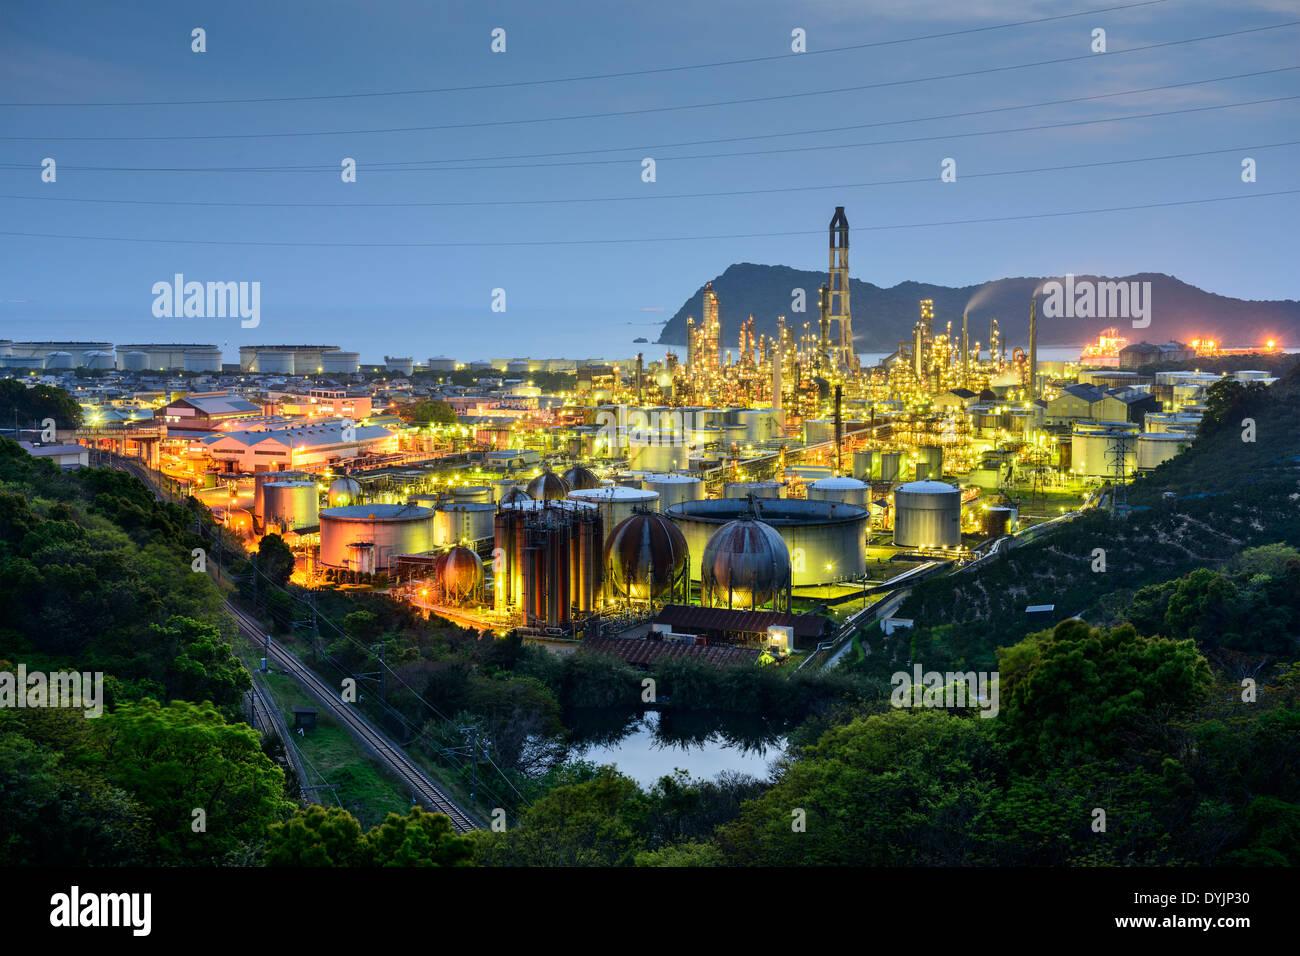 Öl-Raffinerien in Wakayama, Japan. Stockbild